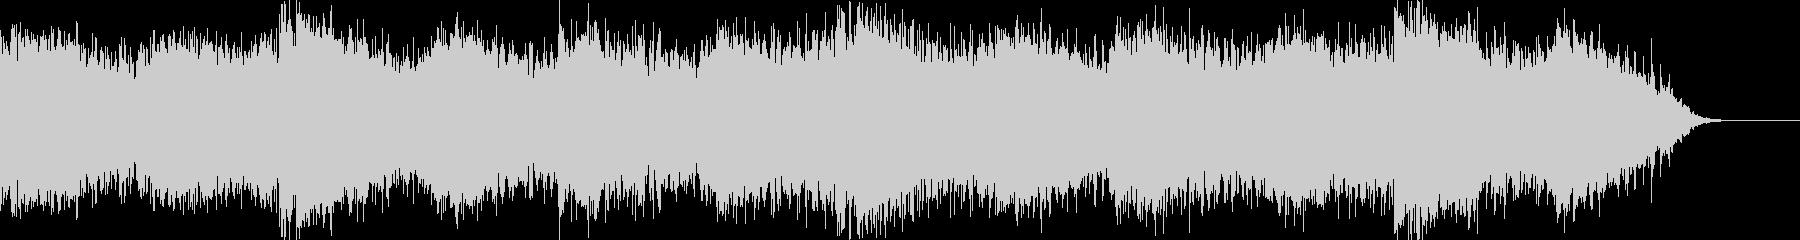 幻想的な雰囲気のBGMの未再生の波形